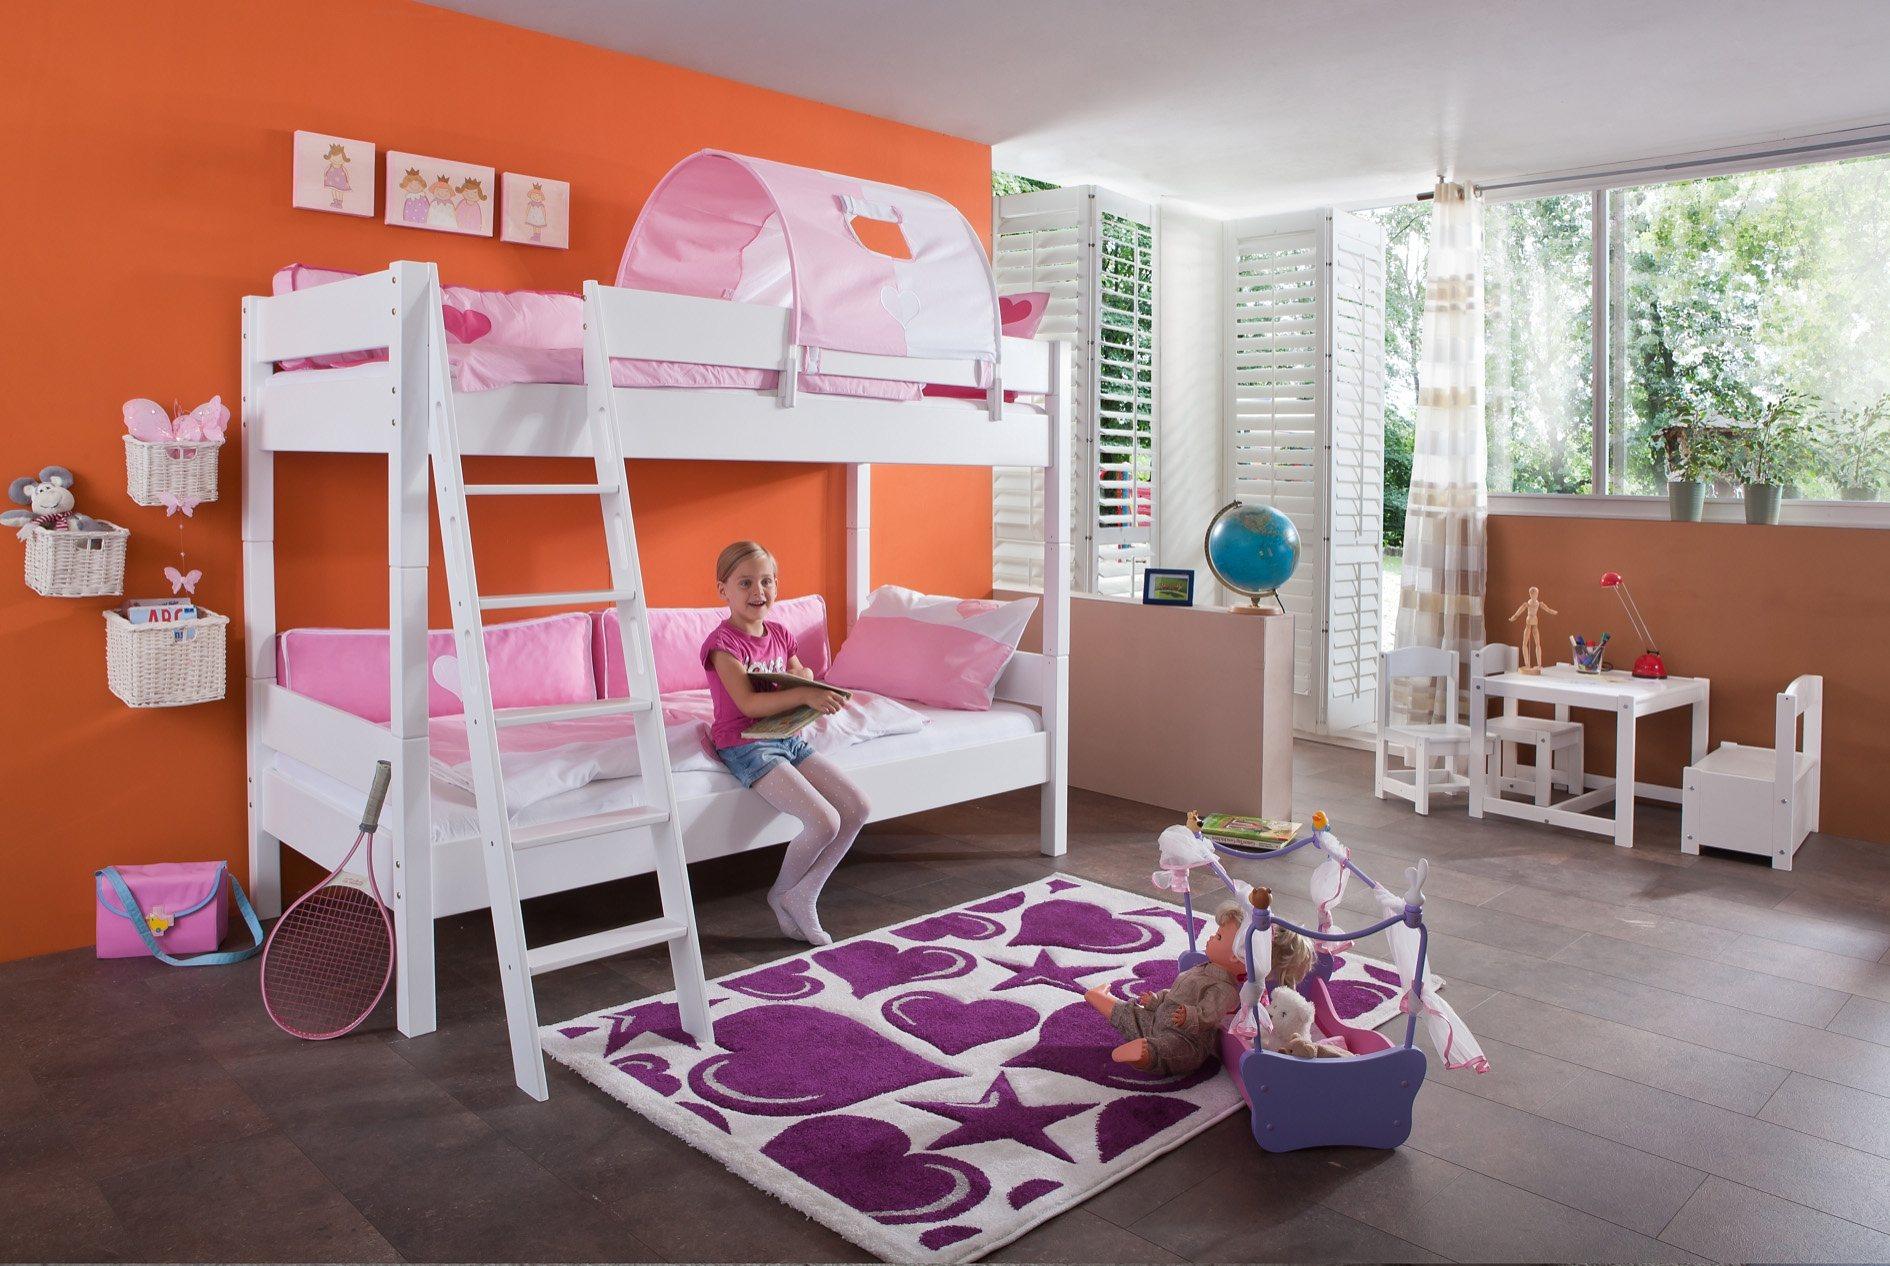 Relita Einzel-/Etagenbett, Set >>Stefan<< | Kinderzimmer > Kinderbetten > Etagenbetten | Weiß | Buche - Massiv | Relita